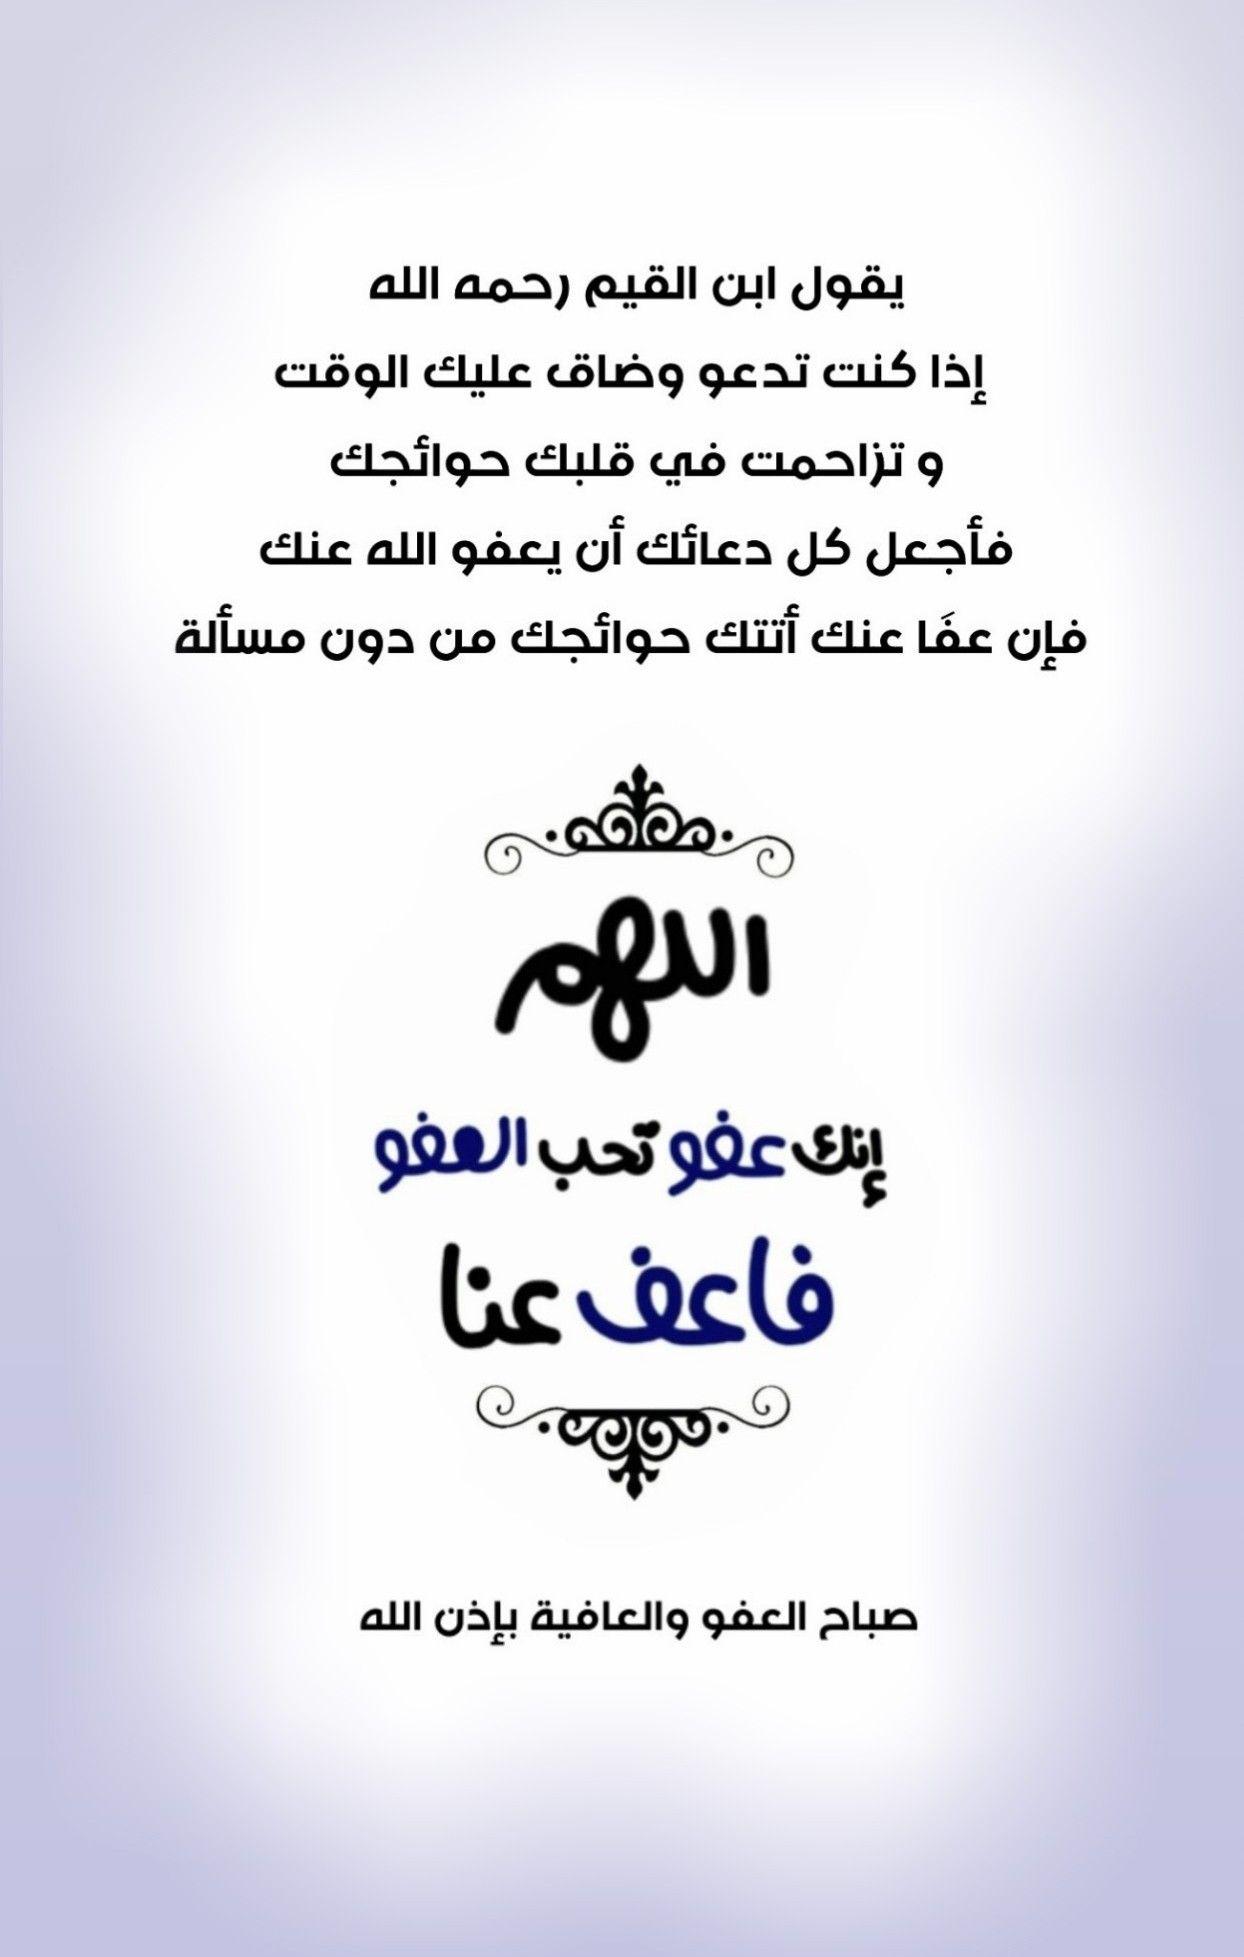 يقول ابن القيم رحمه الله إذا كنت تدعو وضاق عليك الوقت و تزاحمت في قلبك حوائجك فاجعل كل دعائك أن يعفو الل Quotations Islamic Quotes Quran Good Morning Greetings